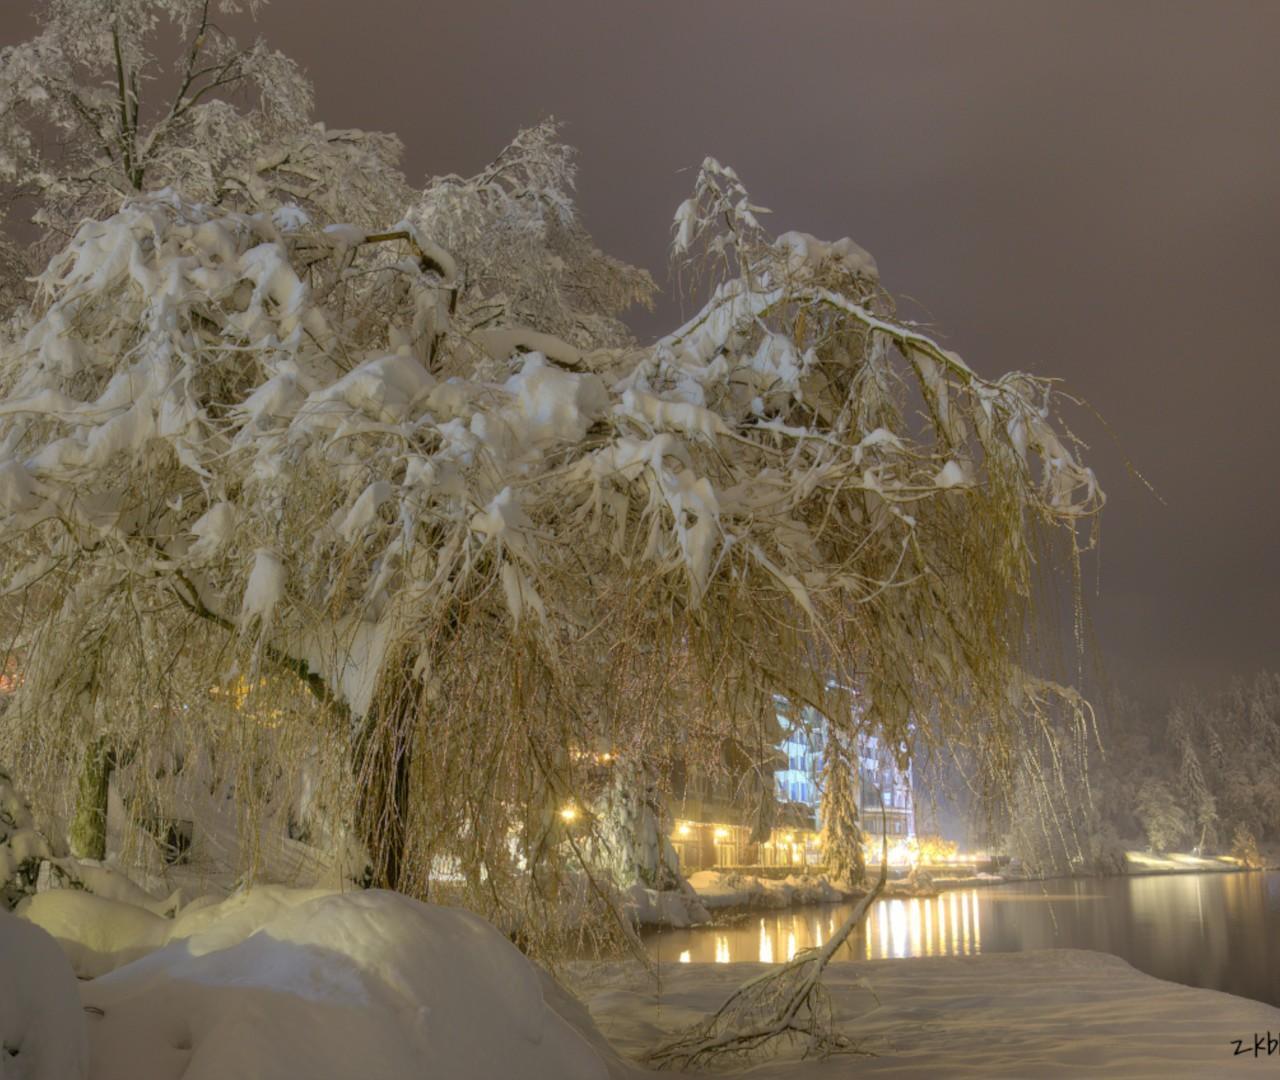 Οι πρώτες χιονοπτώσεις ❄️ σε χαμηλά υψόμετρα αύριο Τετάρτη ❗